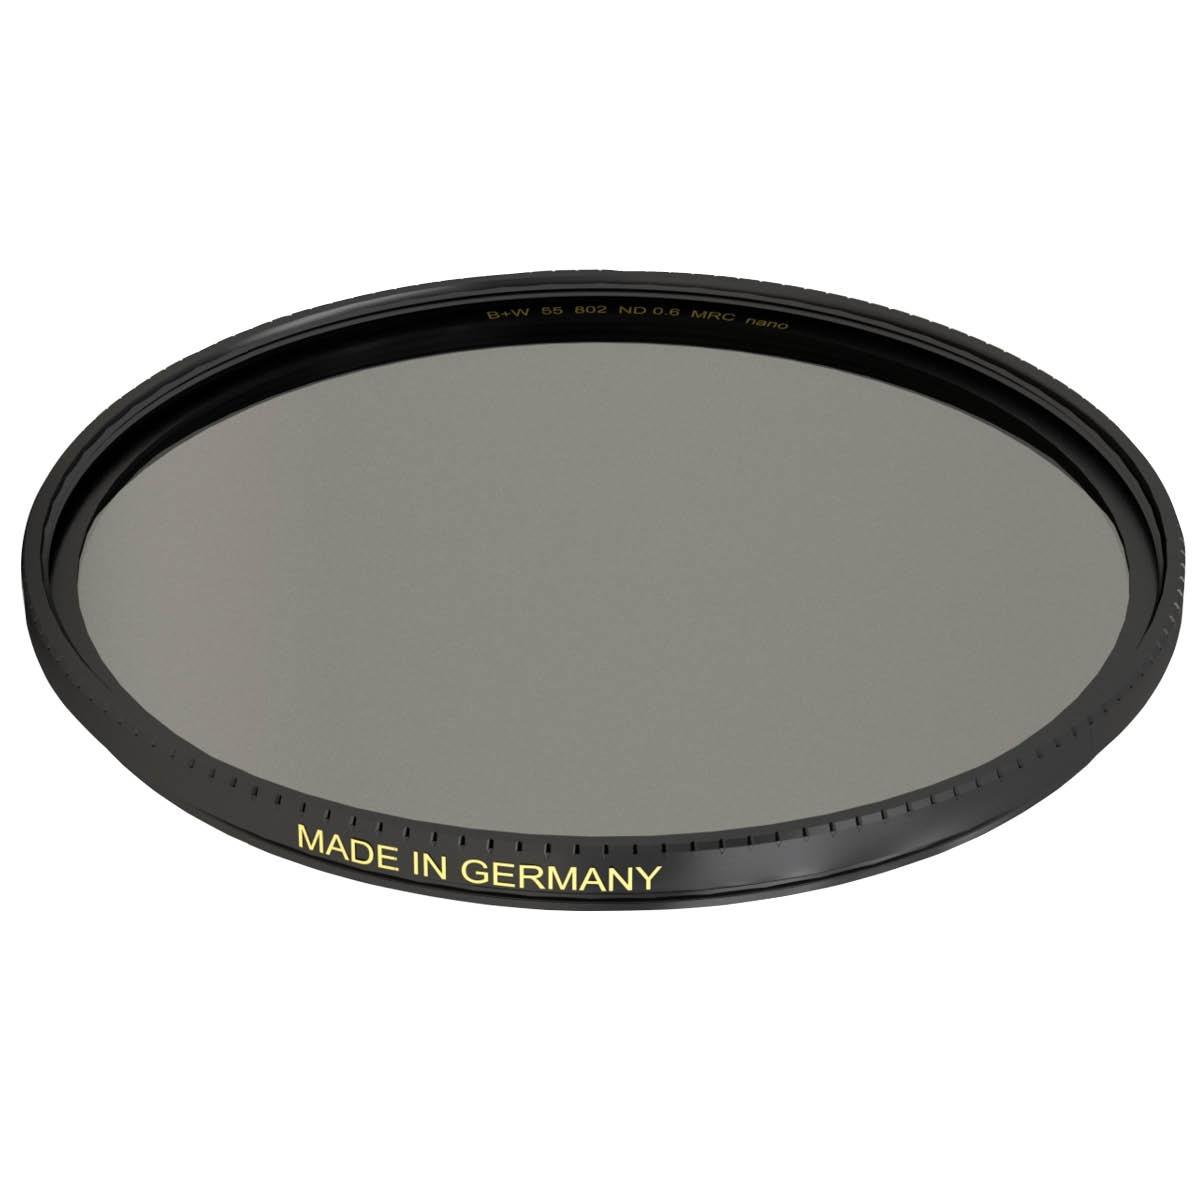 B+W Graufilter 39 mm XS-Pro +2